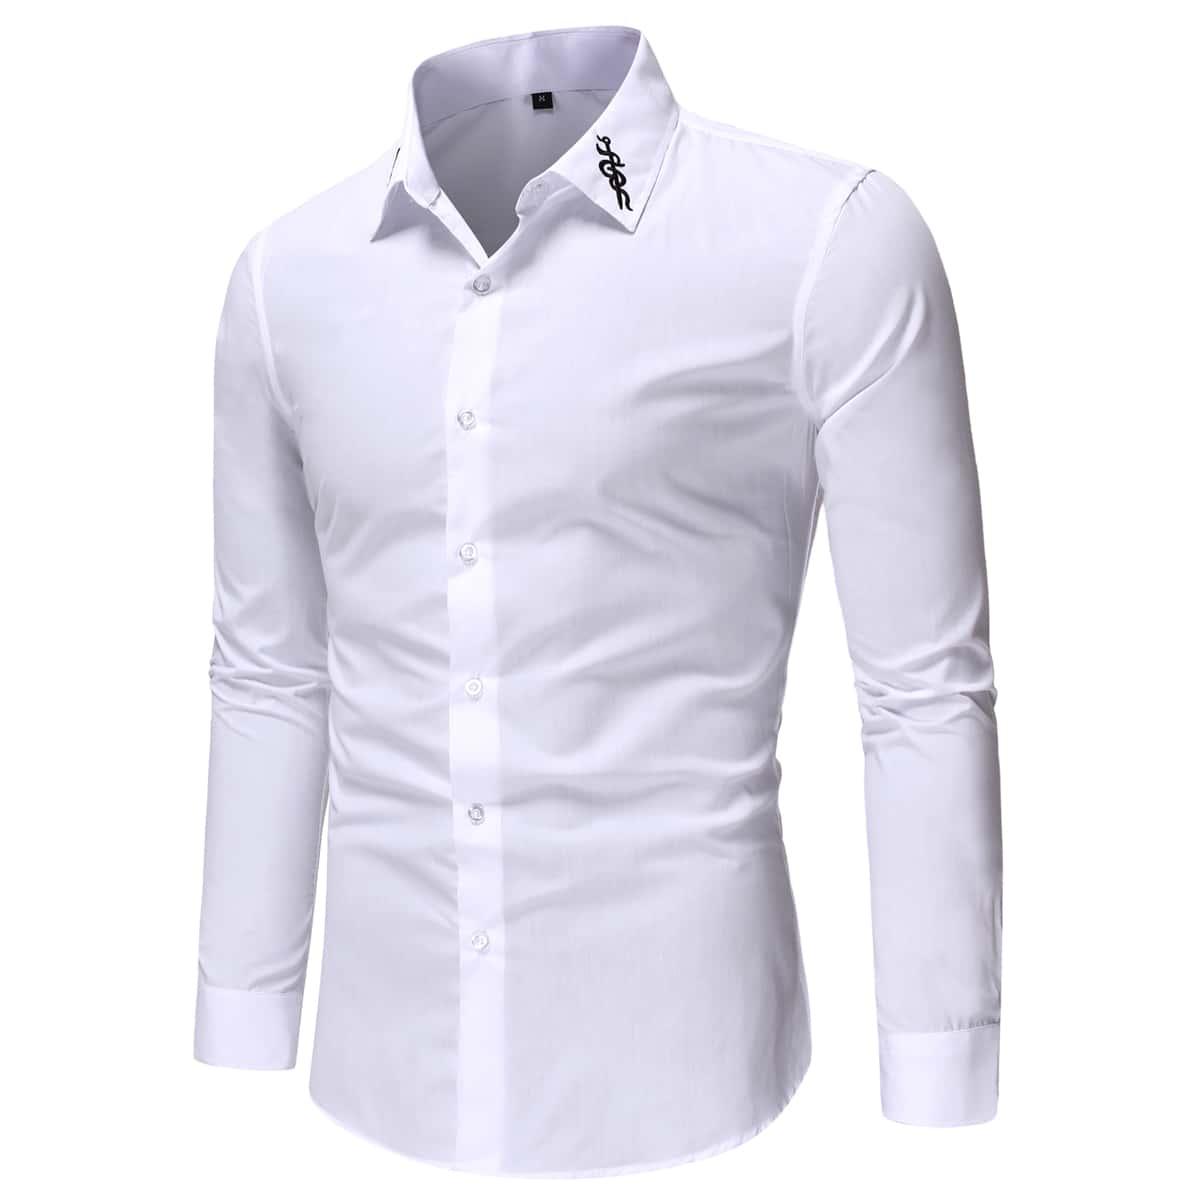 с вышивкой Пуговица графический принт Повседневный Мужские рубашки